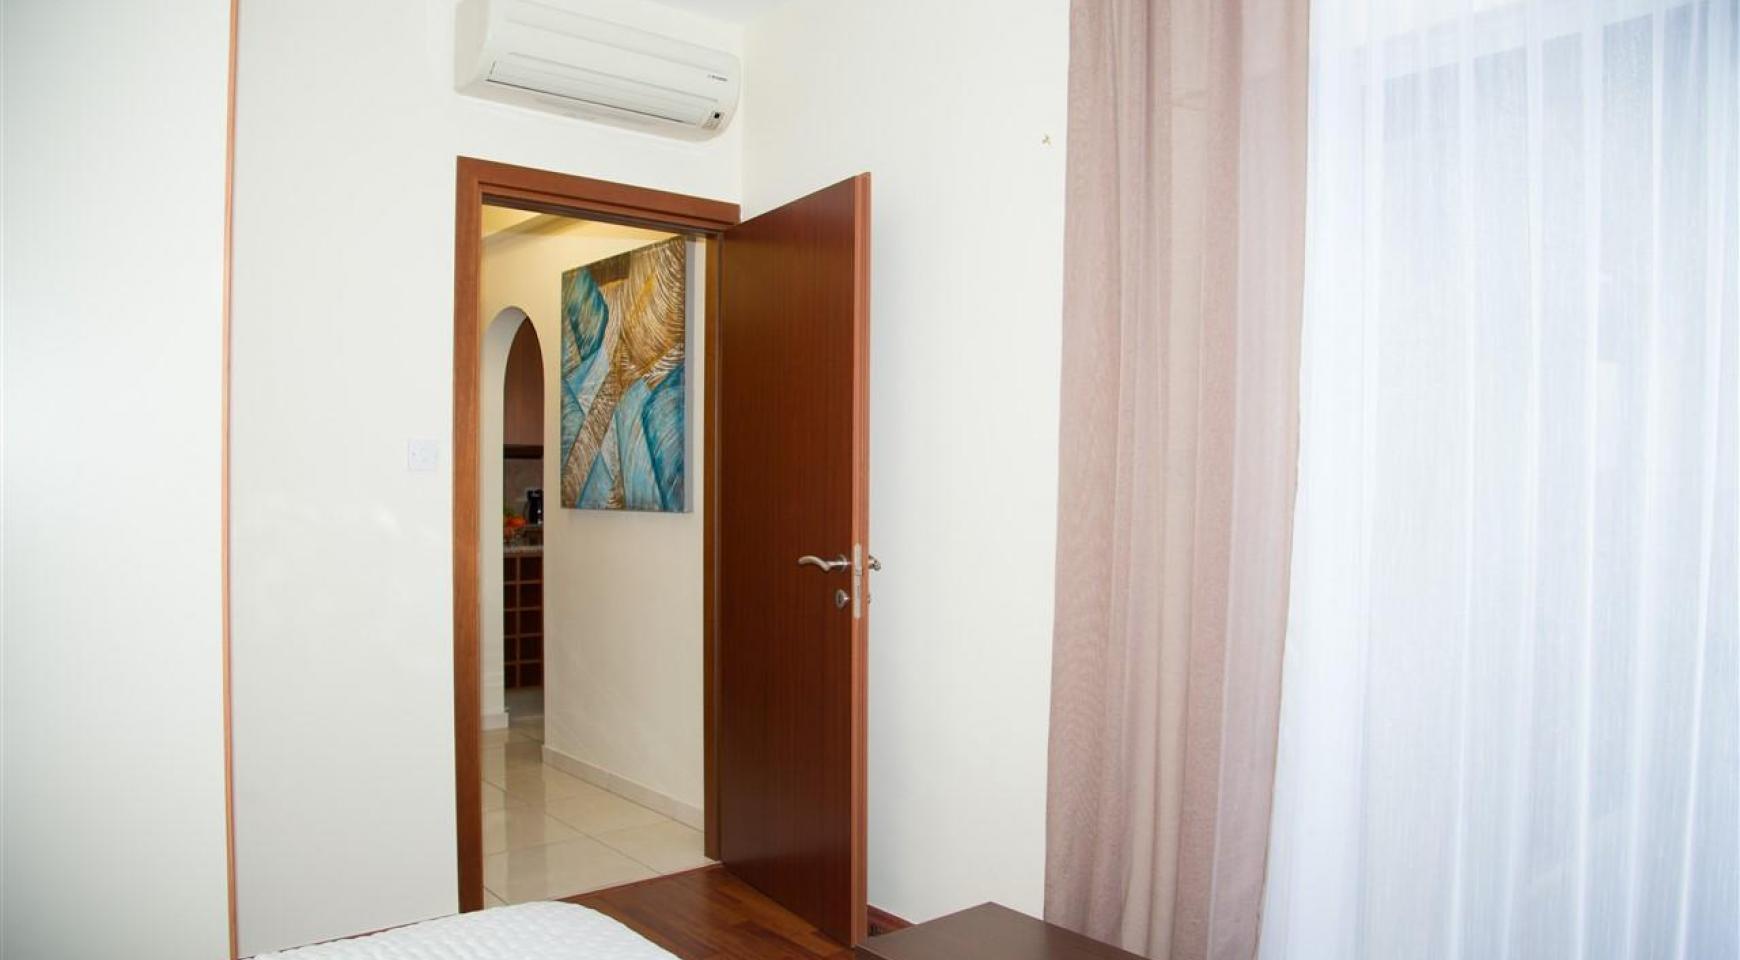 """2-Спальная Квартира - Люкс """"Mesogios Iris 304"""" в Туристической Зоне возле Моря - 14"""